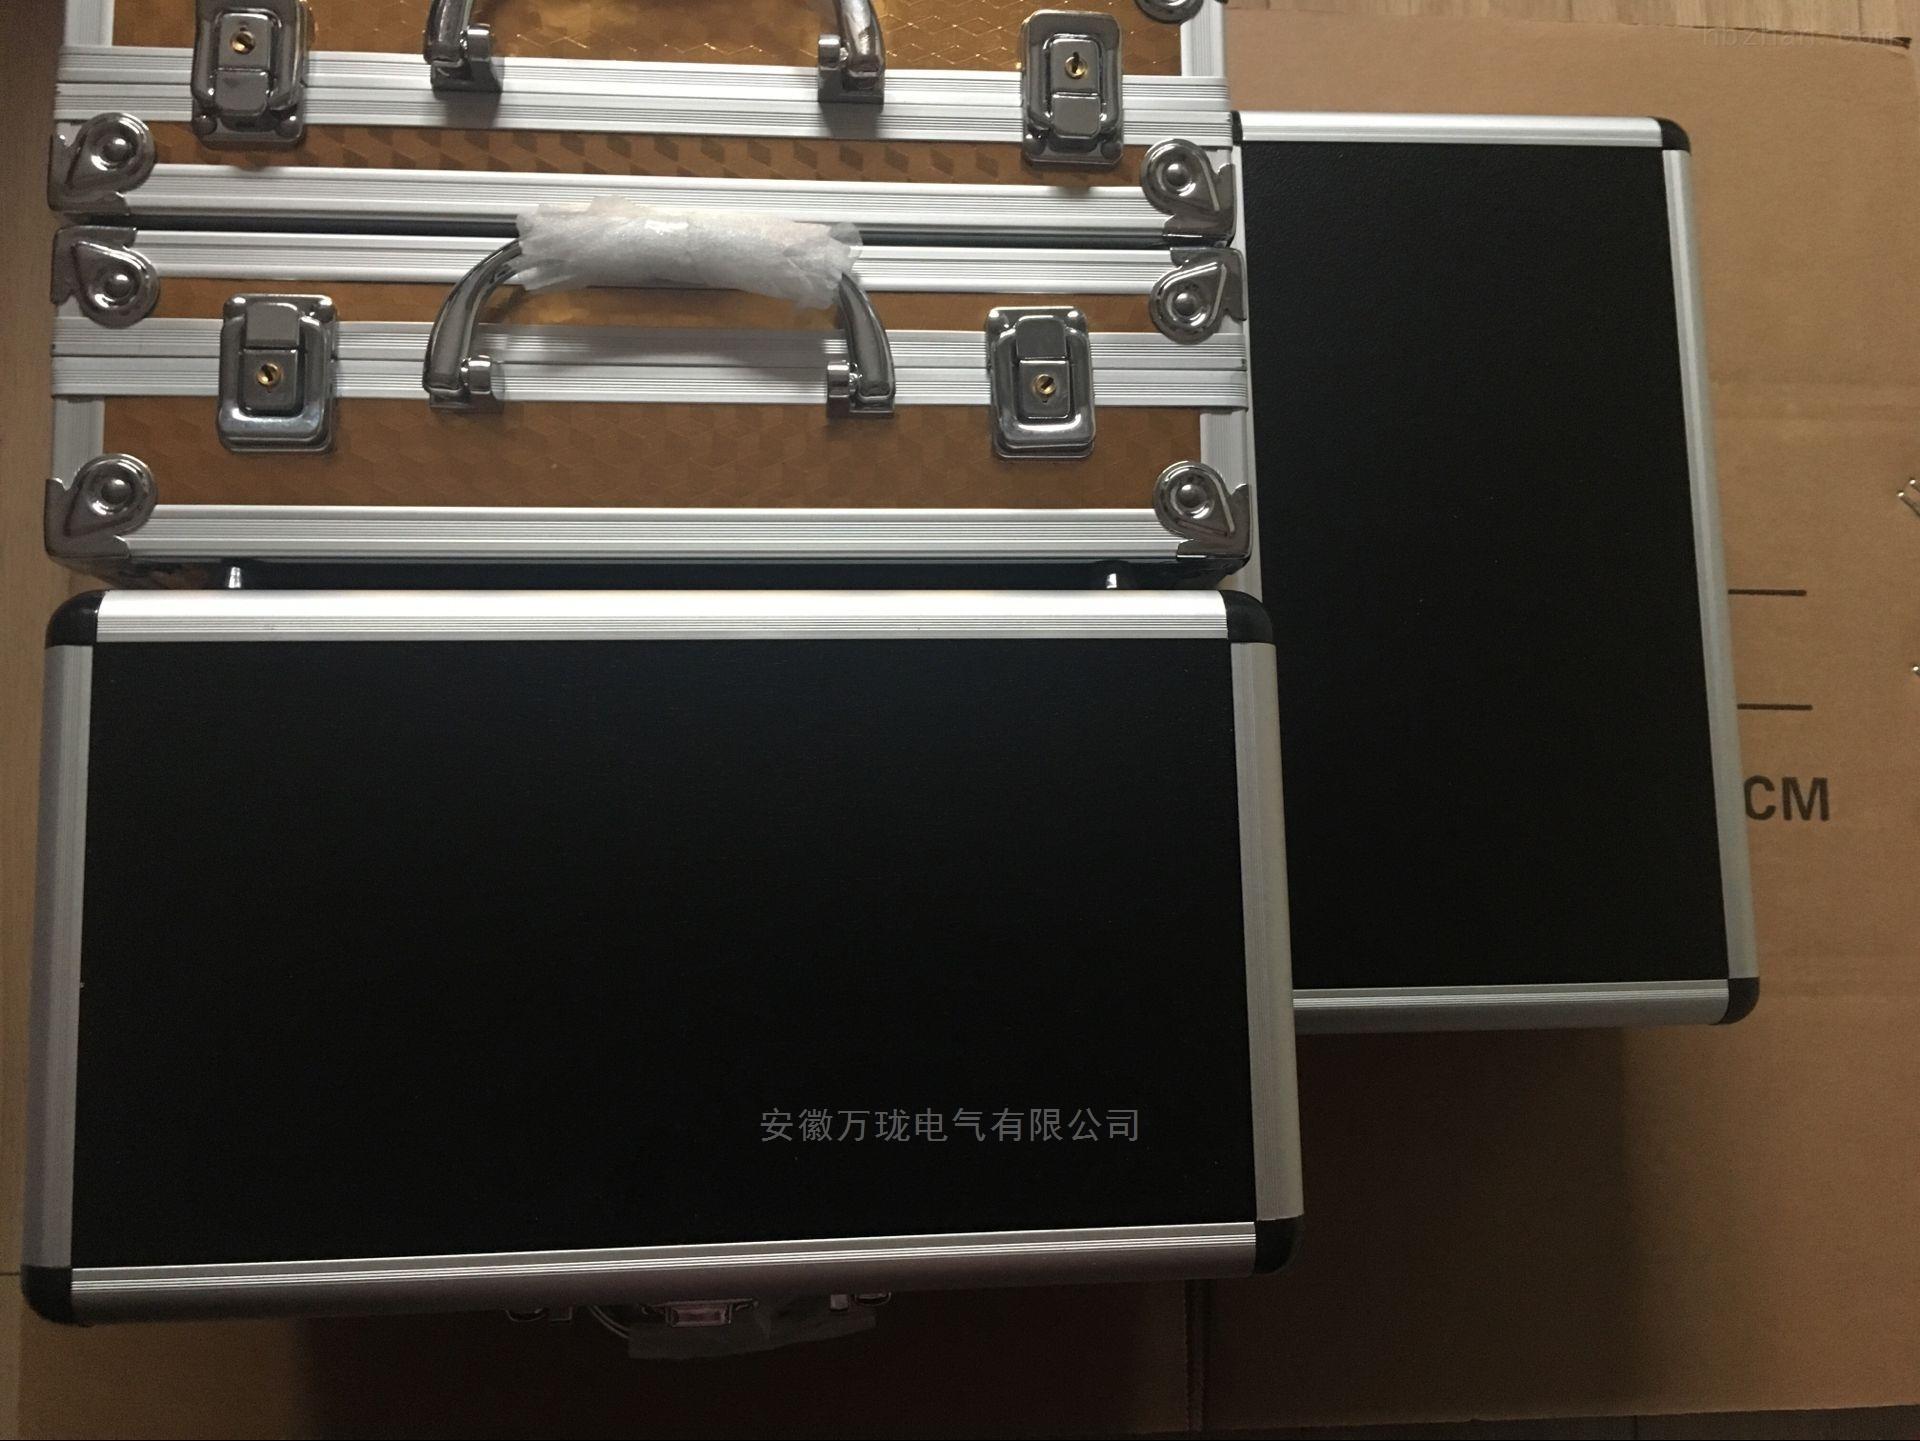 4-20MA振動YD9200A-C-10V-01-03-00K-00